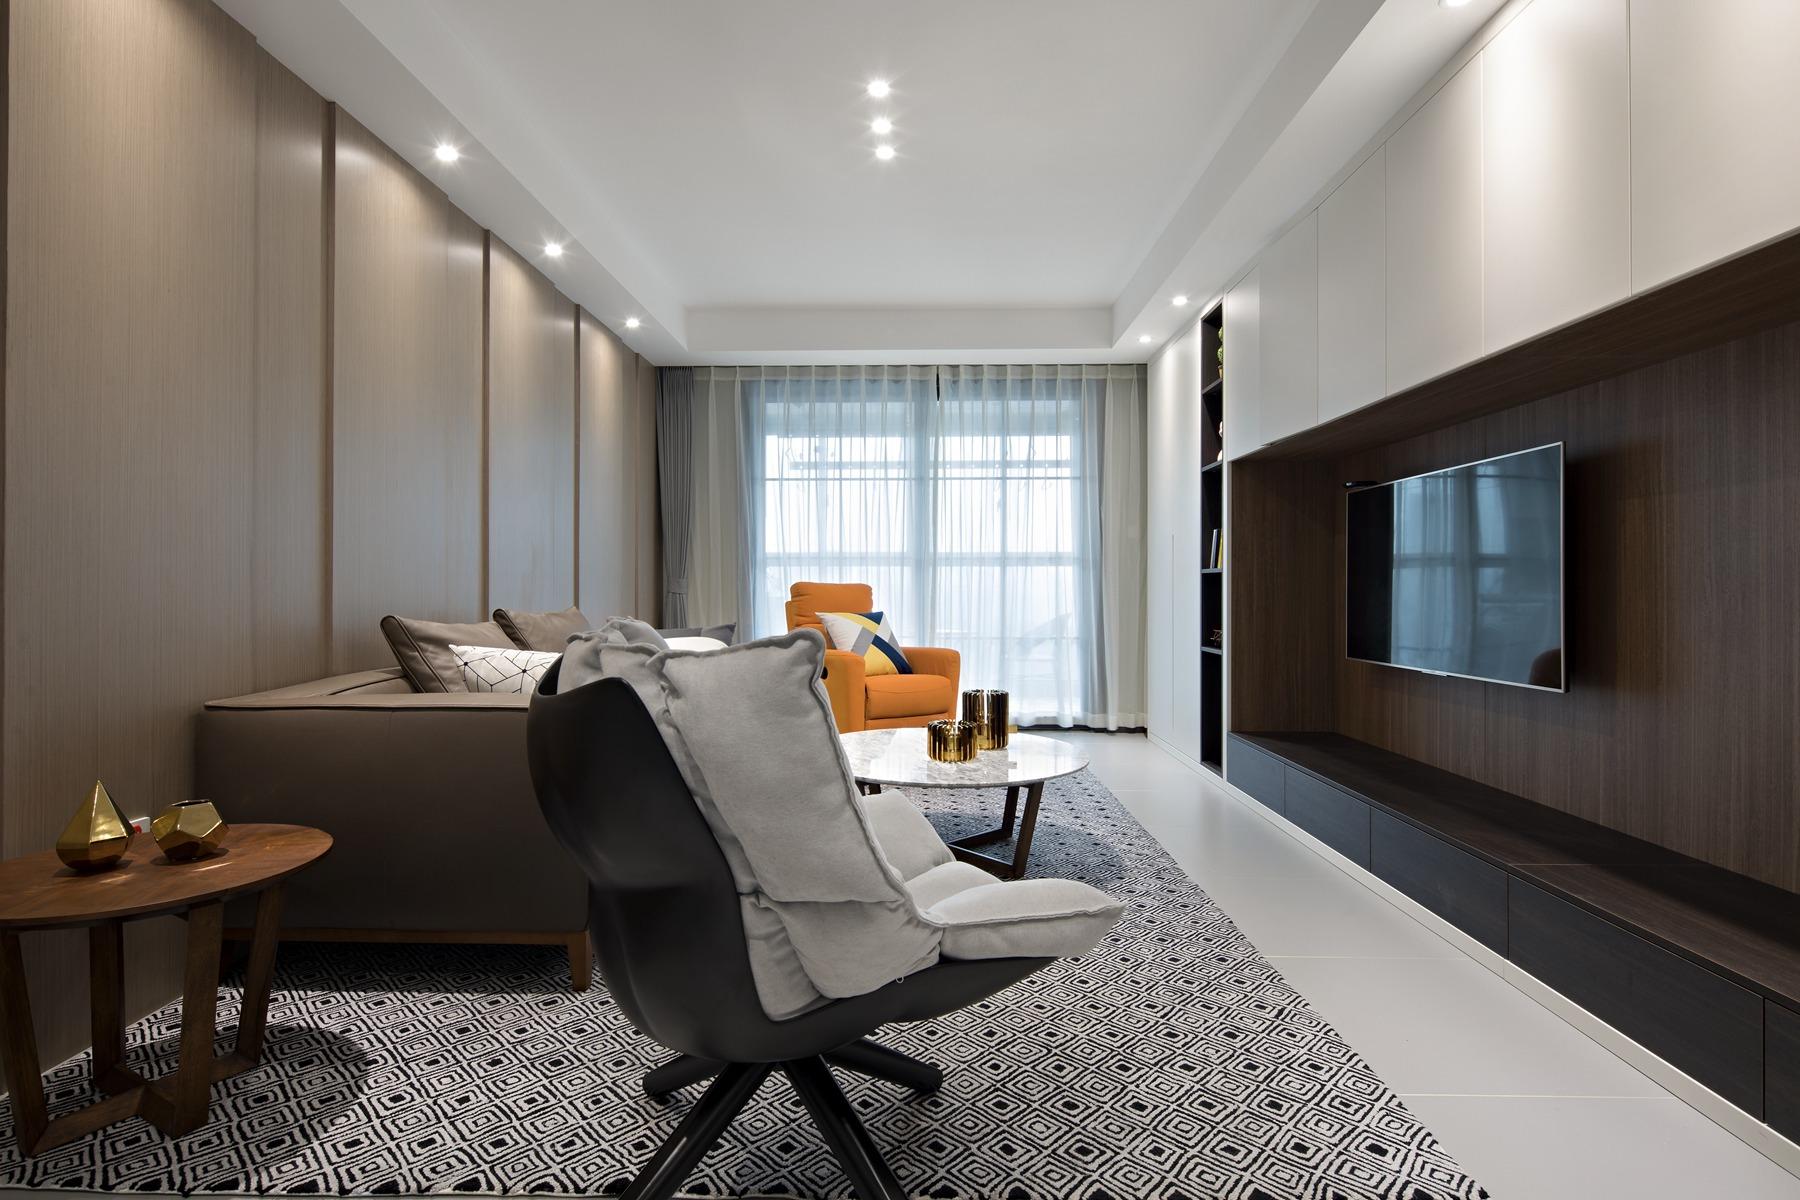 120㎡现代简约客厅装修效果图